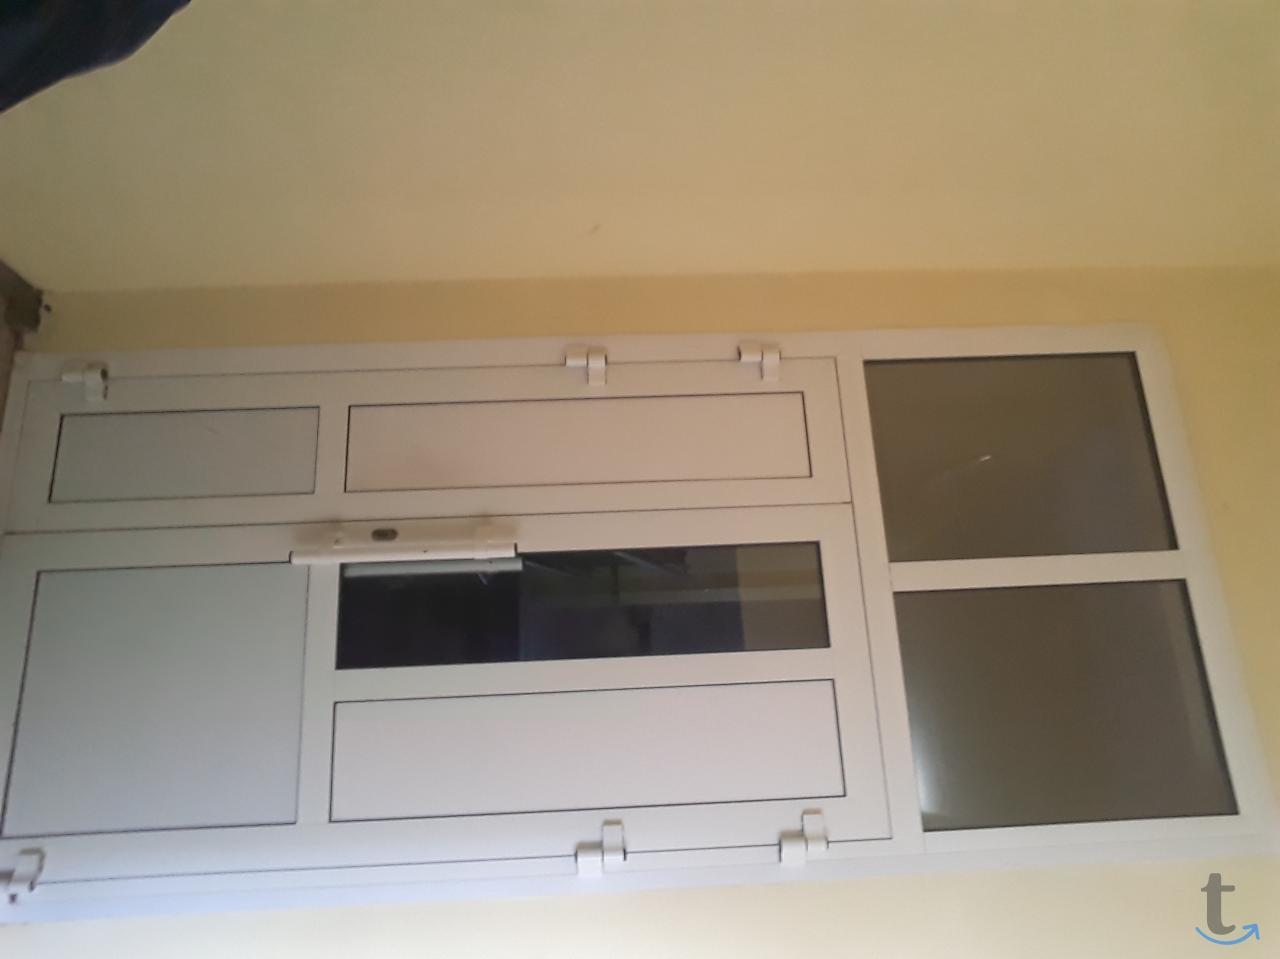 дверь пластиковая в доме - Чувашия